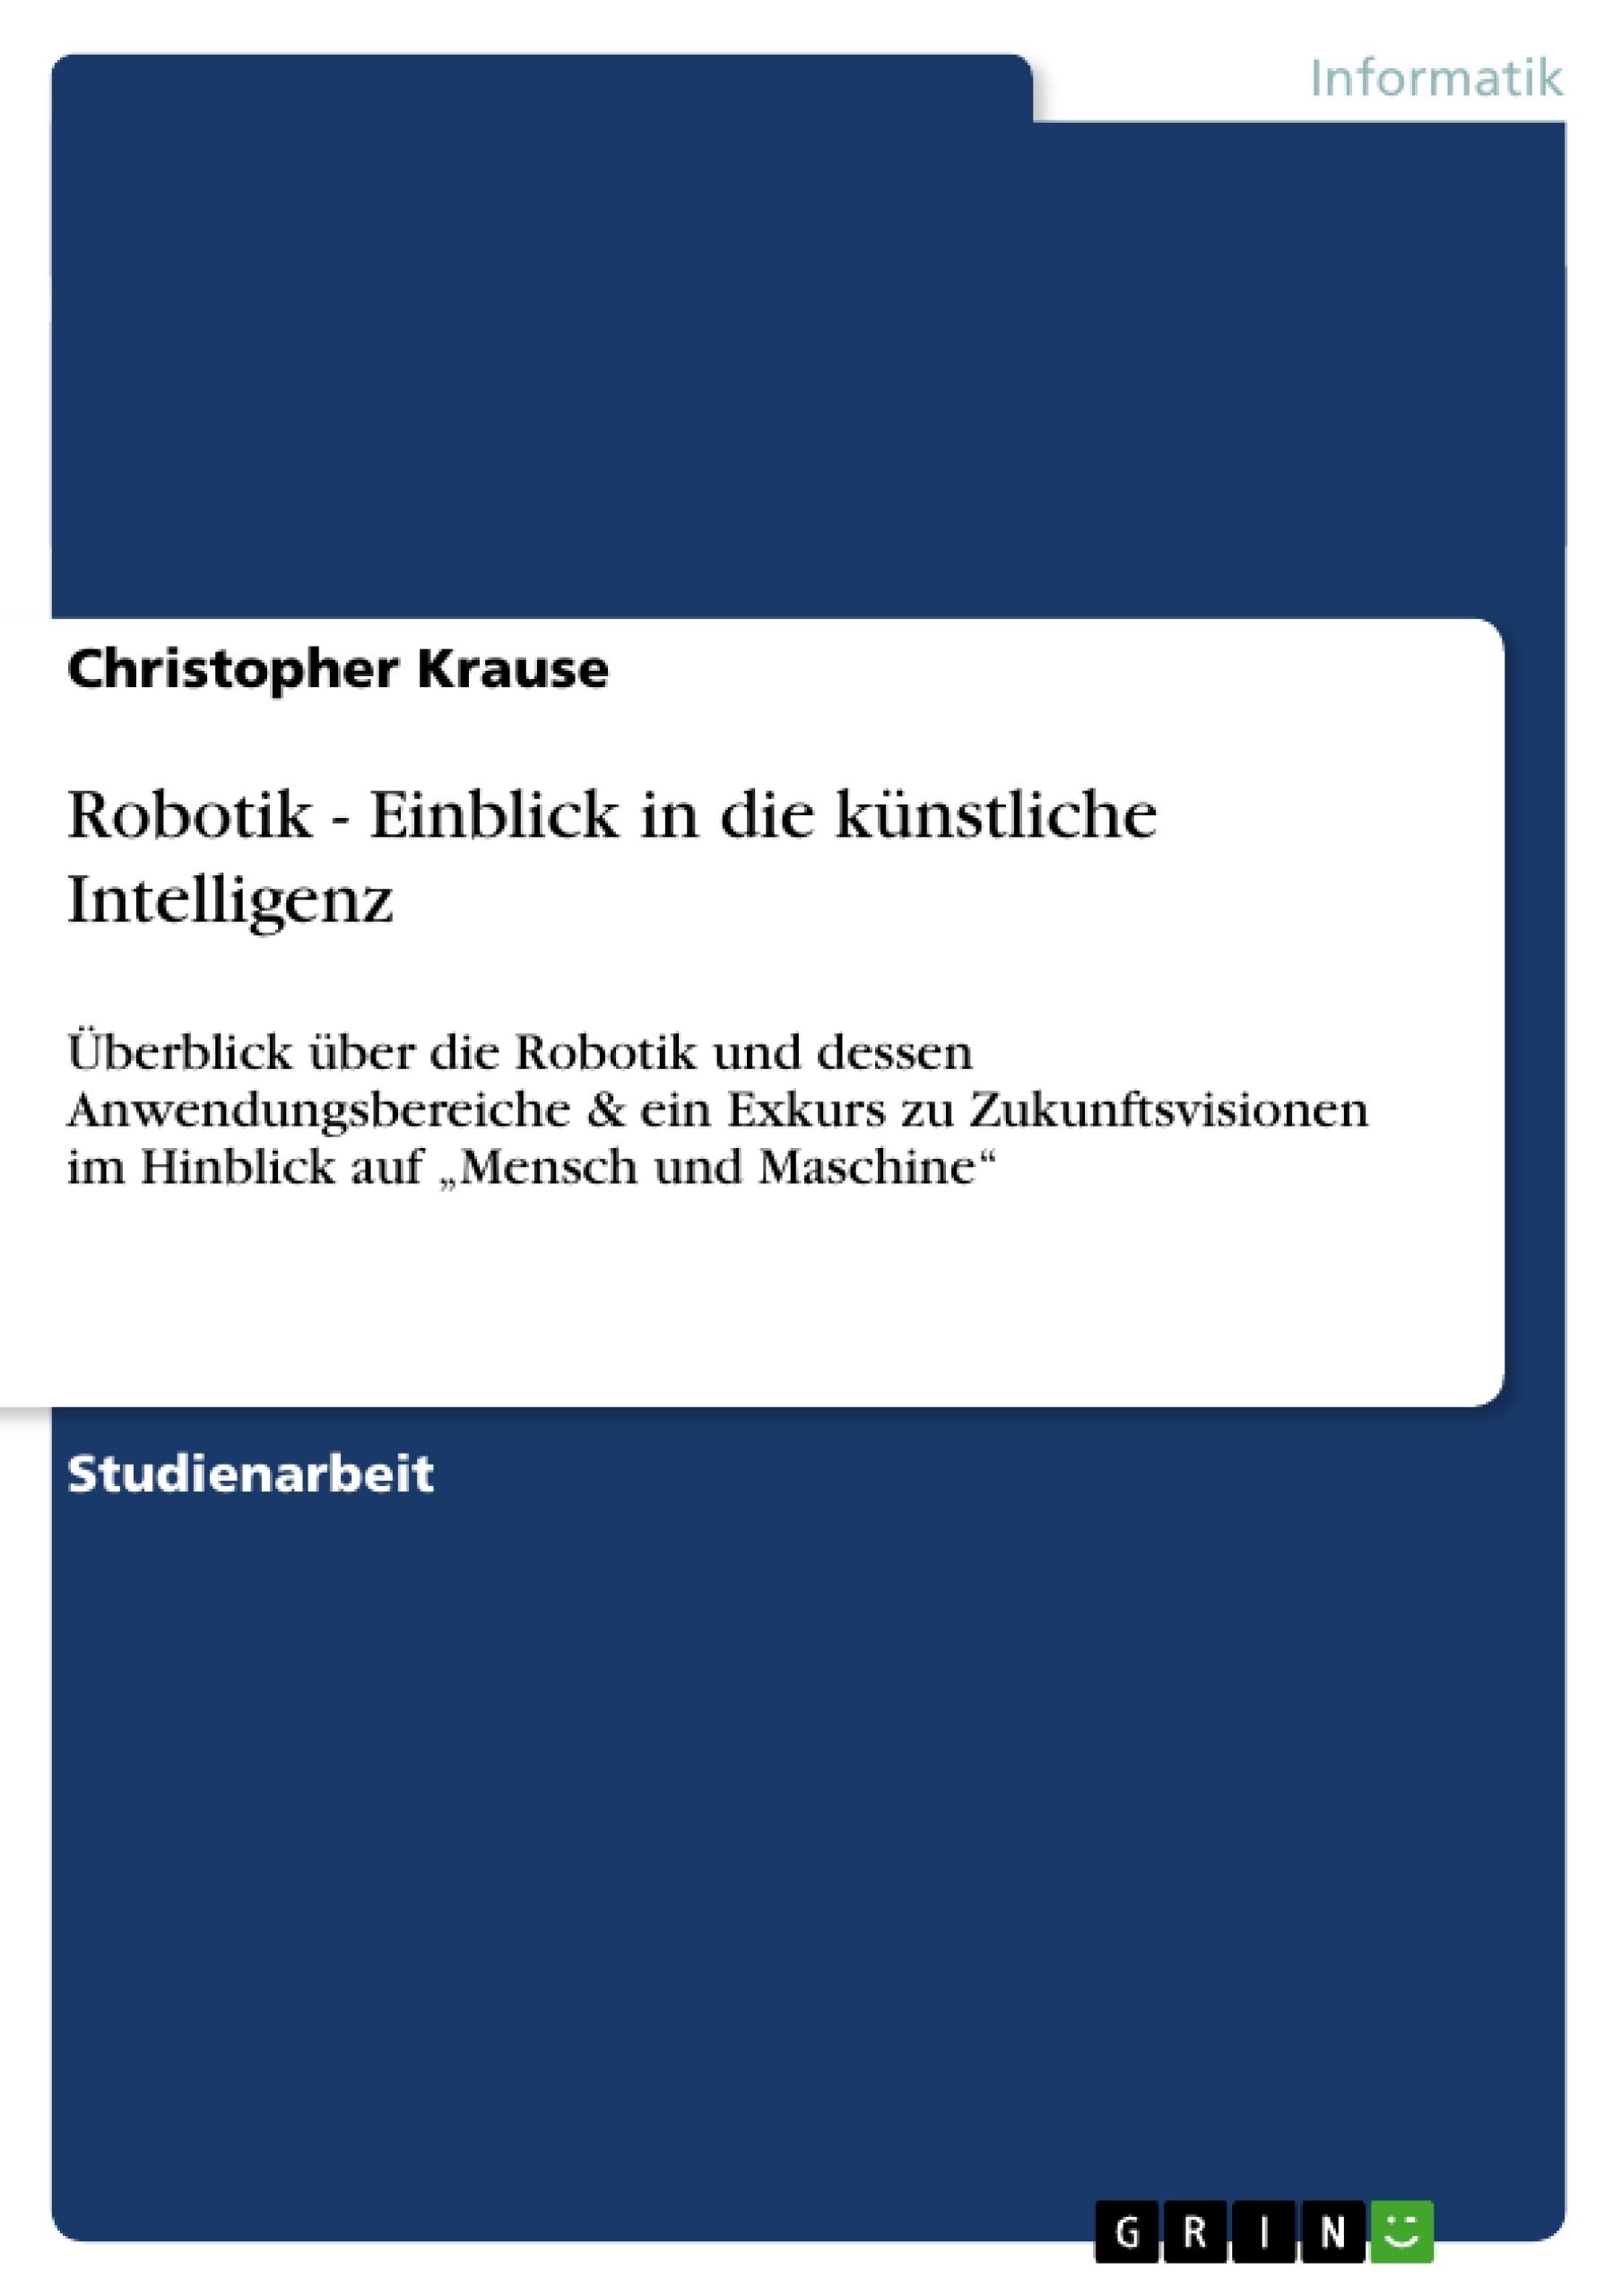 Titel: Robotik - Einblick in die künstliche Intelligenz